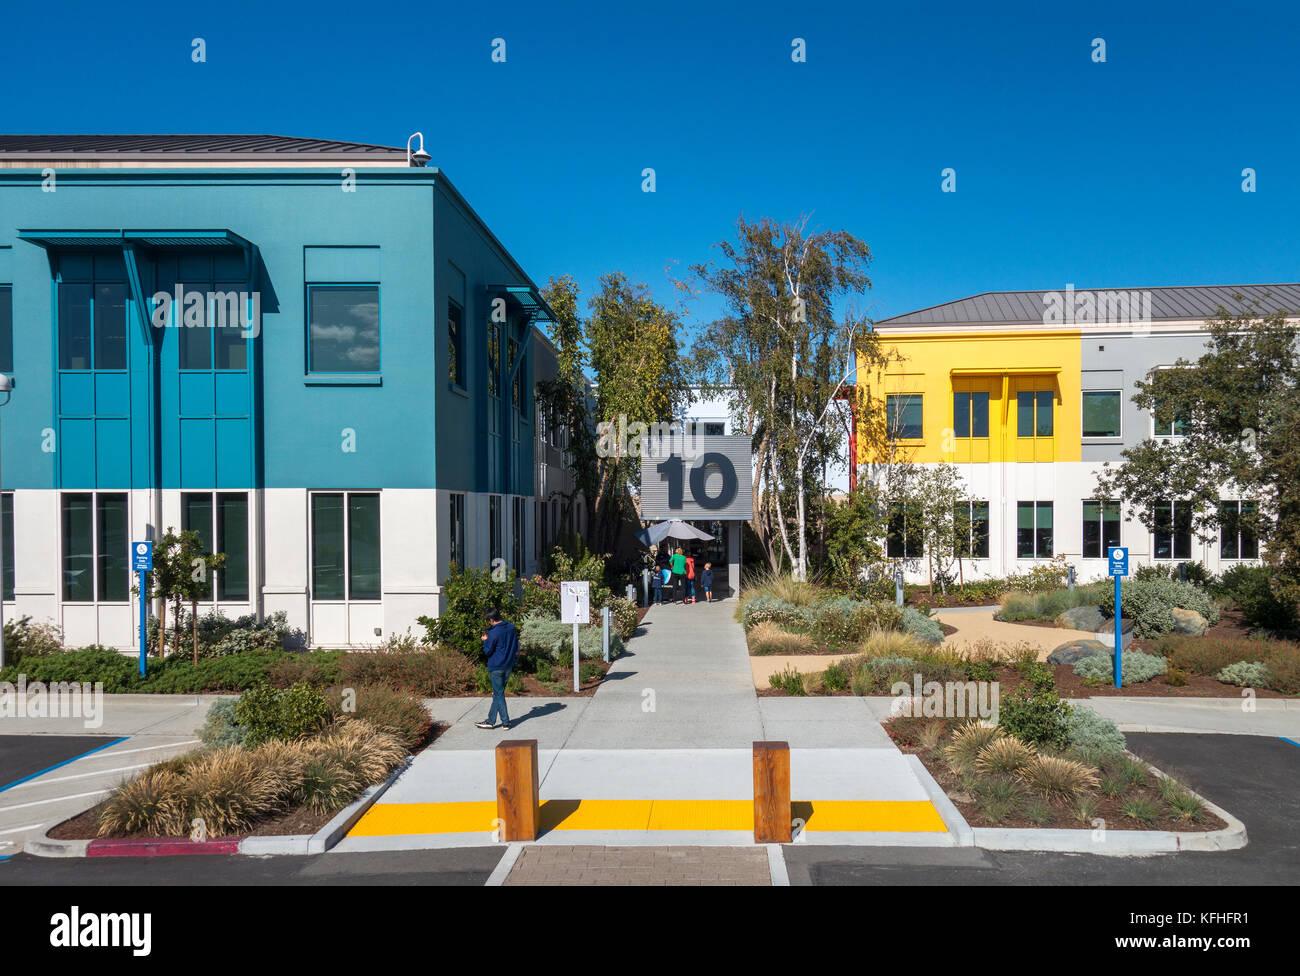 https://c7.alamy.com/comp/KFHFR1/facebook-headquarters-in-menlo-park-facebook-campus-building-10-this-KFHFR1.jpg